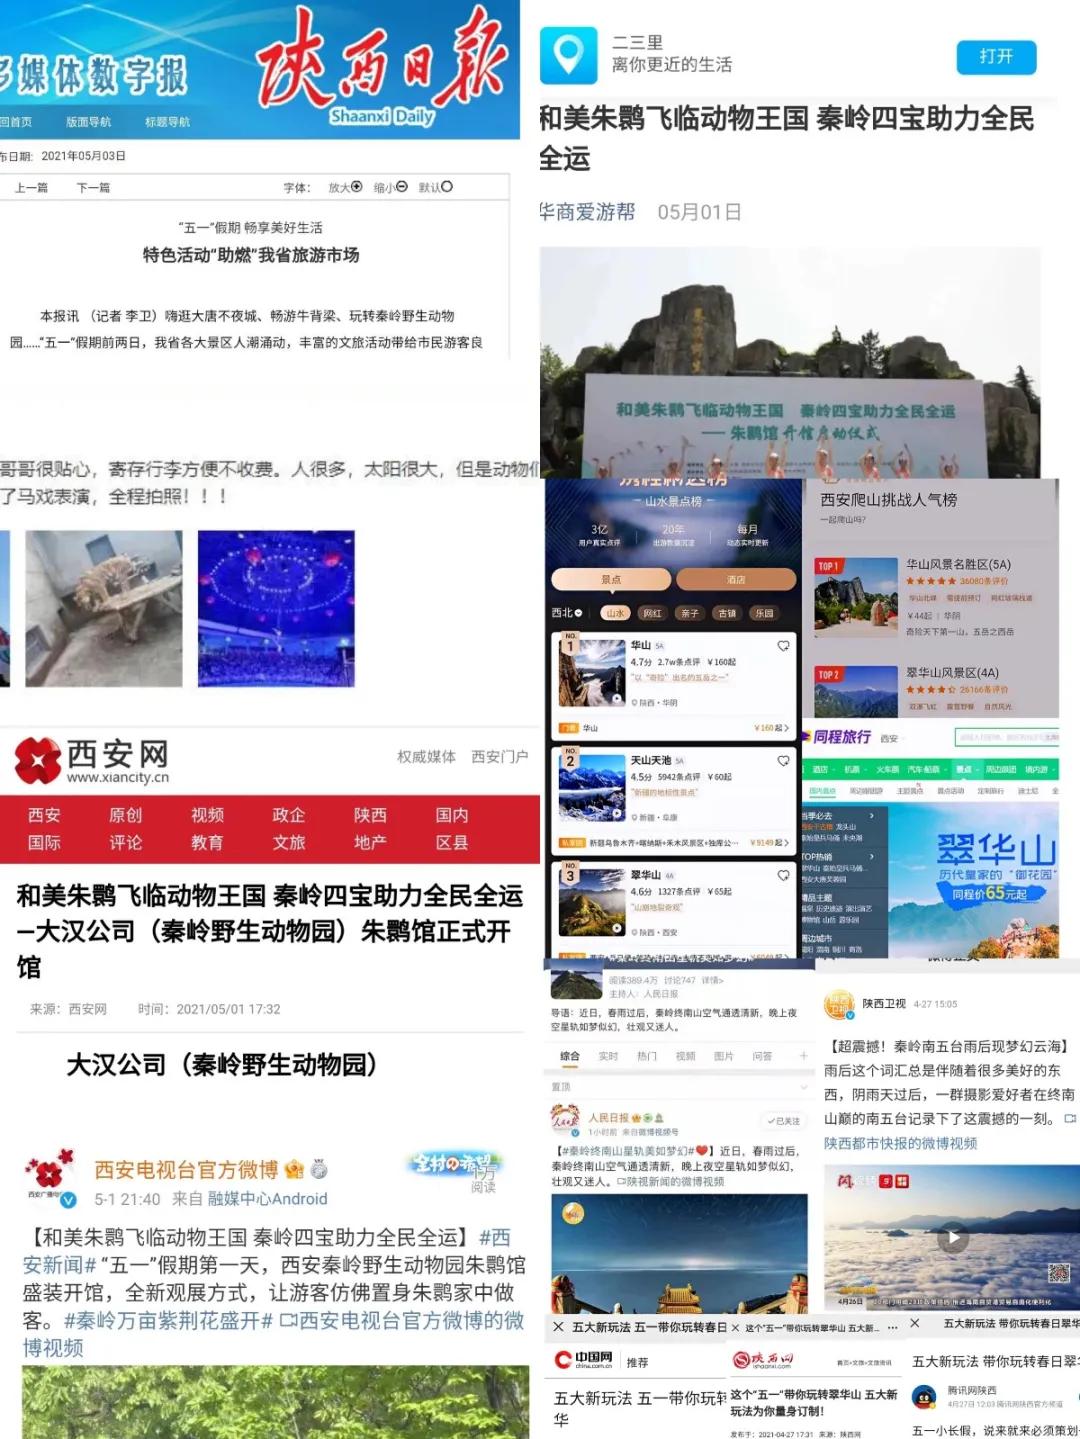 """46.5万+,五一假期,西旅集团C位强势""""出圈"""""""